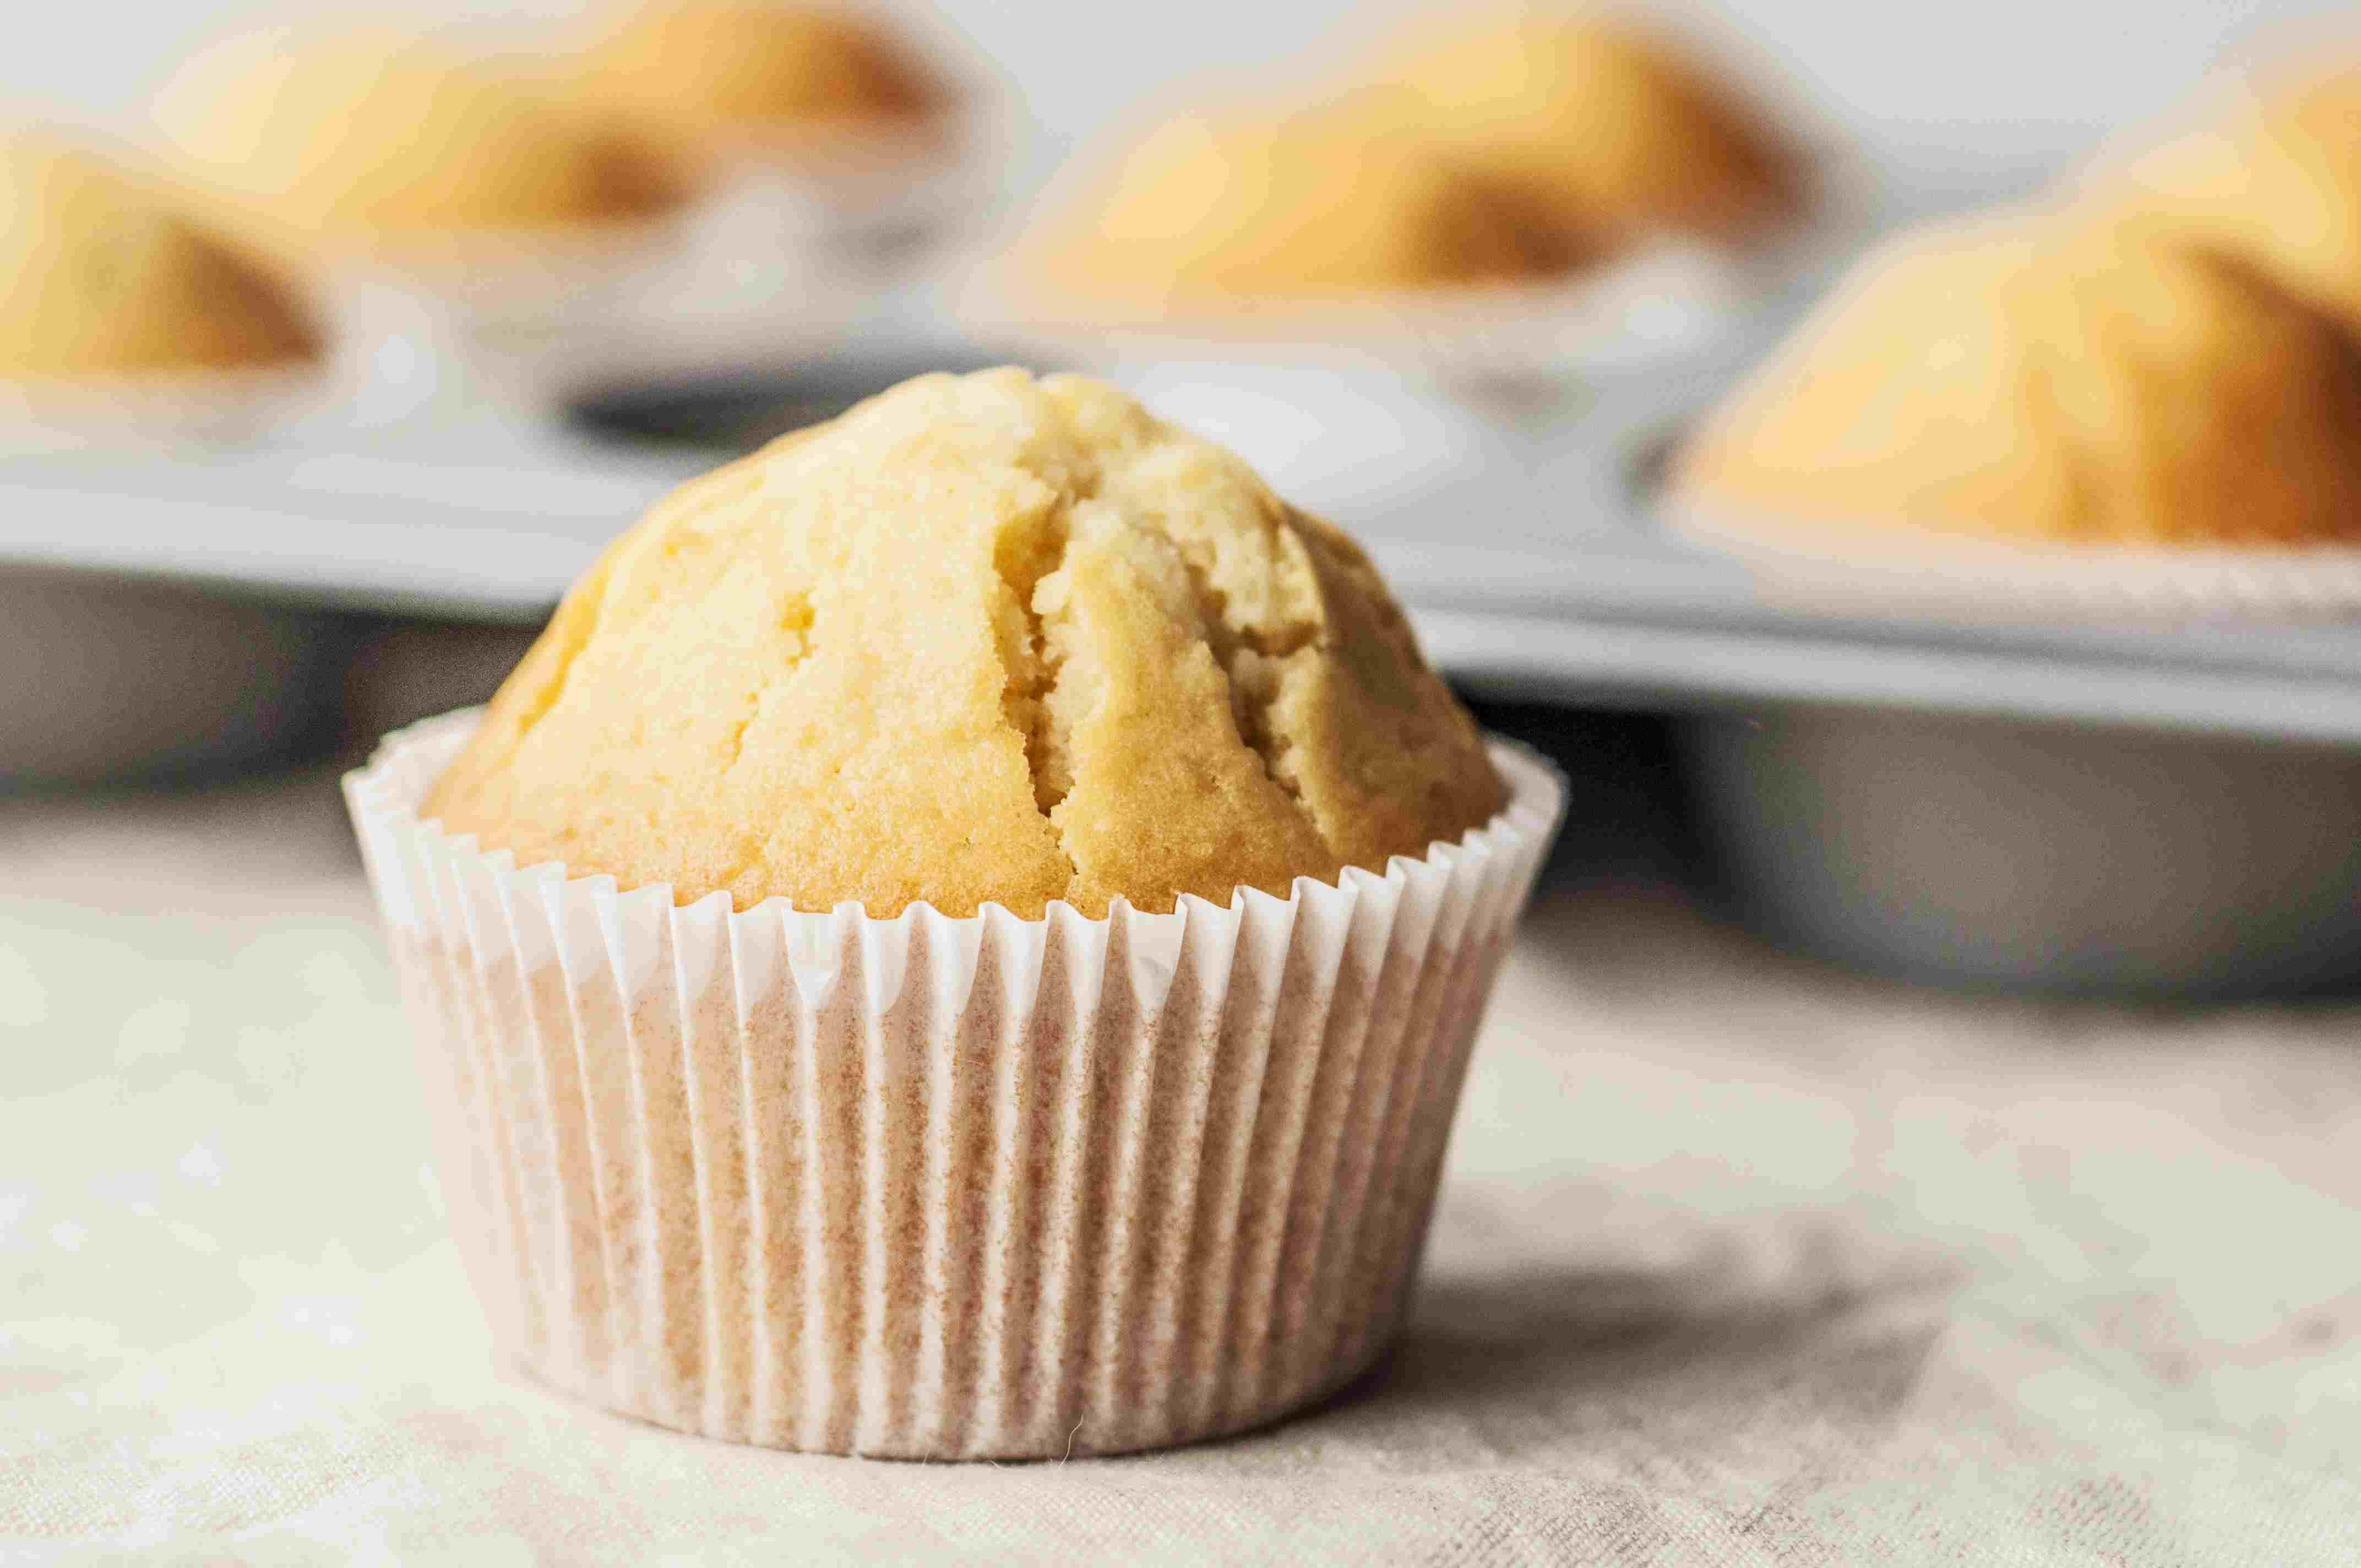 Finished vanilla muffins